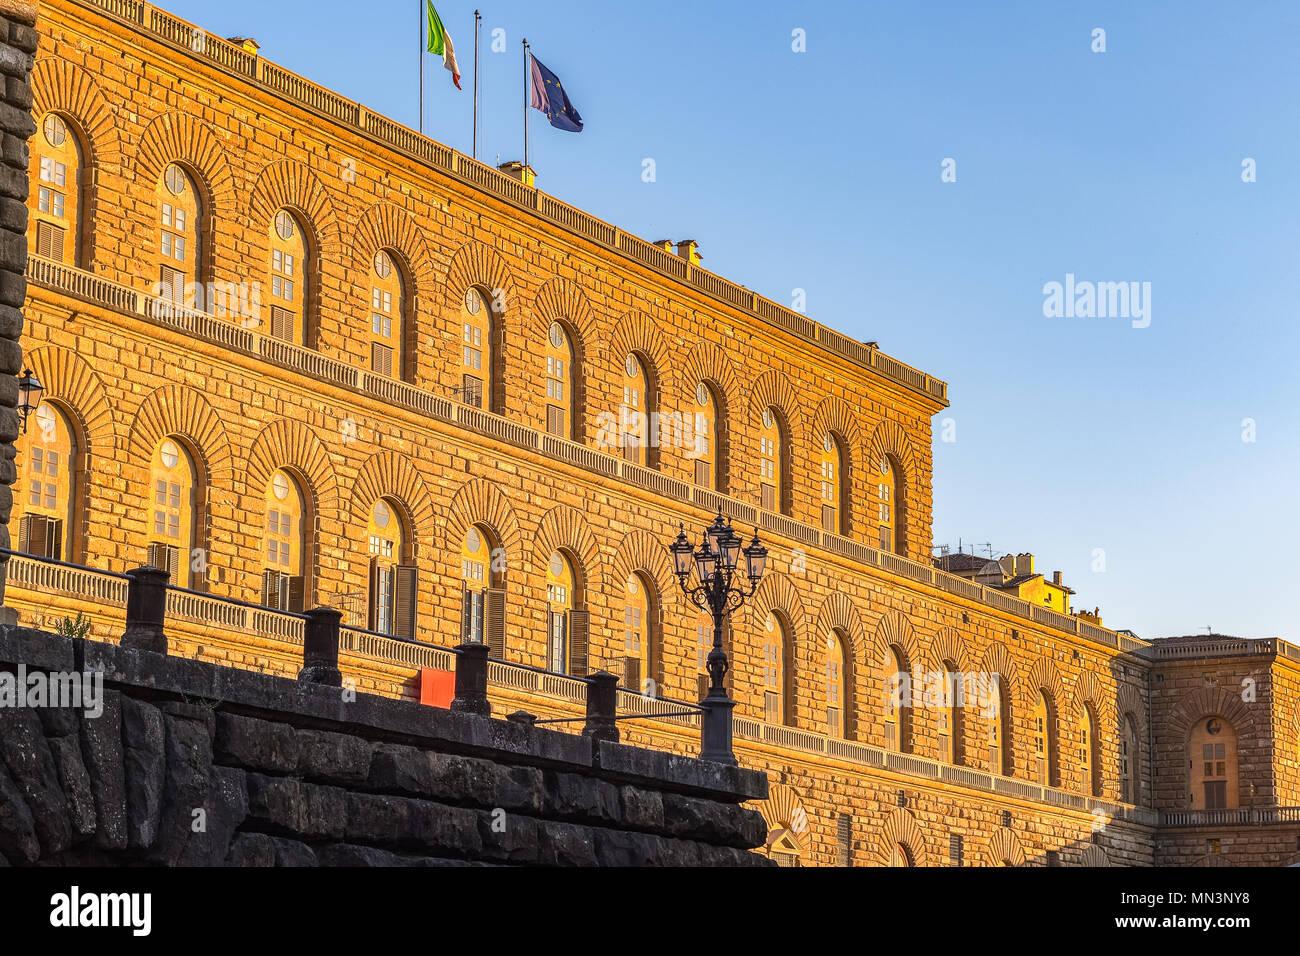 Goldenes Sonnenlicht auf die Fassade des Palazzo Pitti (Palazzo Pitti) in Florenz, Italien, bei Sonnenuntergang Stockfoto